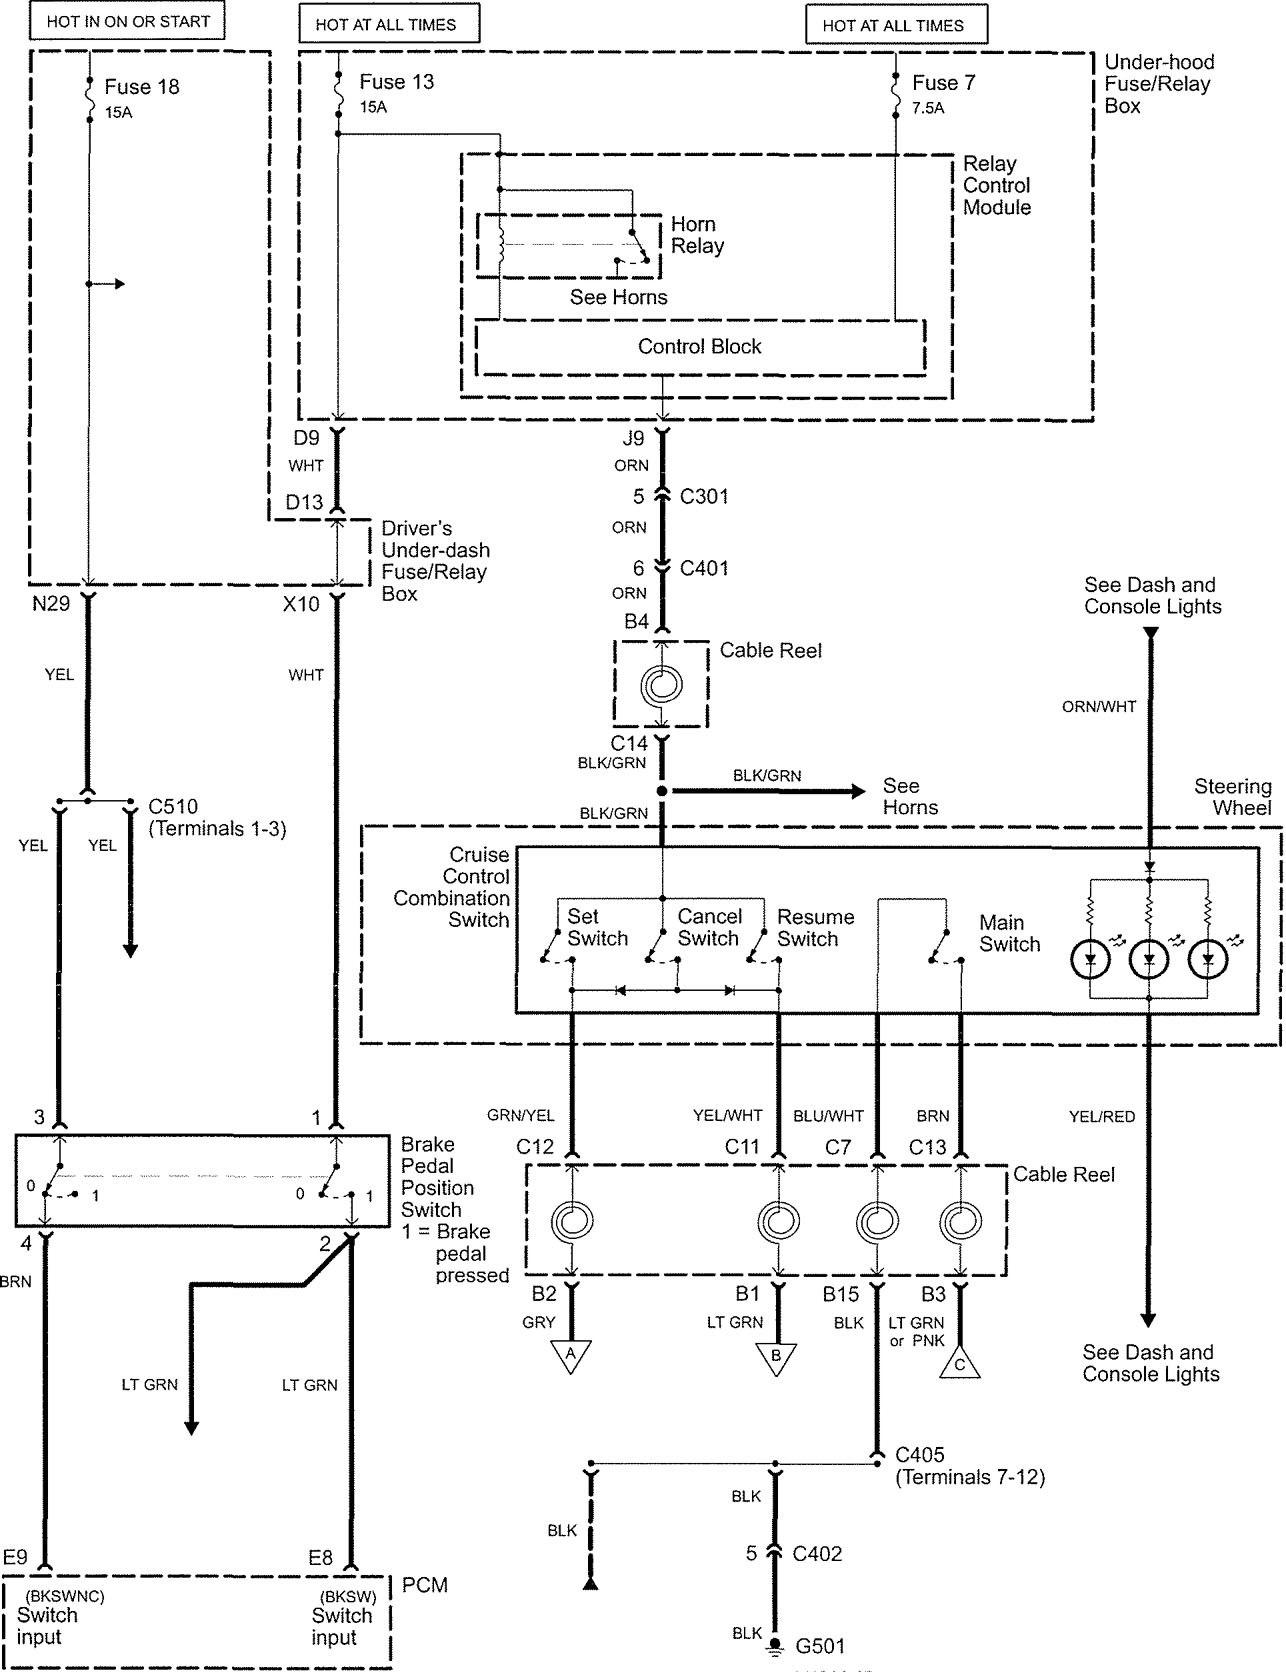 pontiac g8 stereo wiring diagram how to make a stem and leaf gn250 bjg preistastisch de harness auto electrical rh kubota edu tiendadiversey com